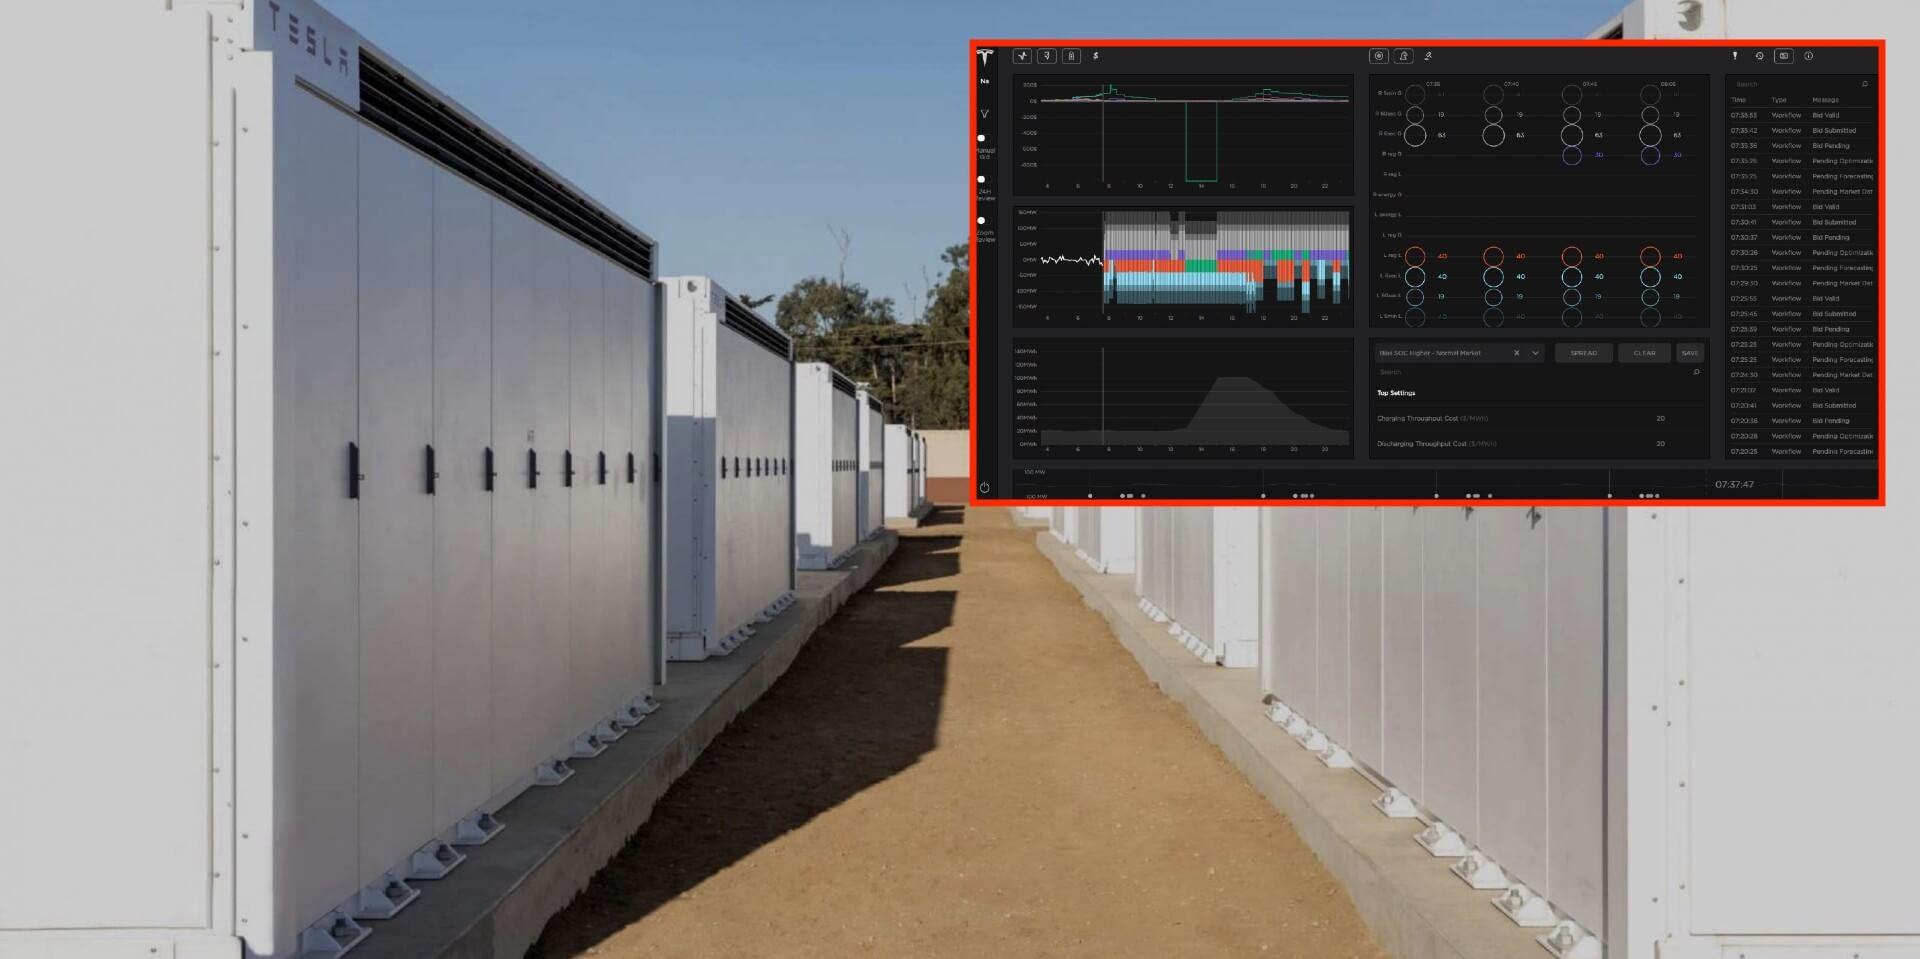 «Автопилот для сетевых батарей» Tesla теперь управляет накоплением энергии более 1,2 ГВтч.